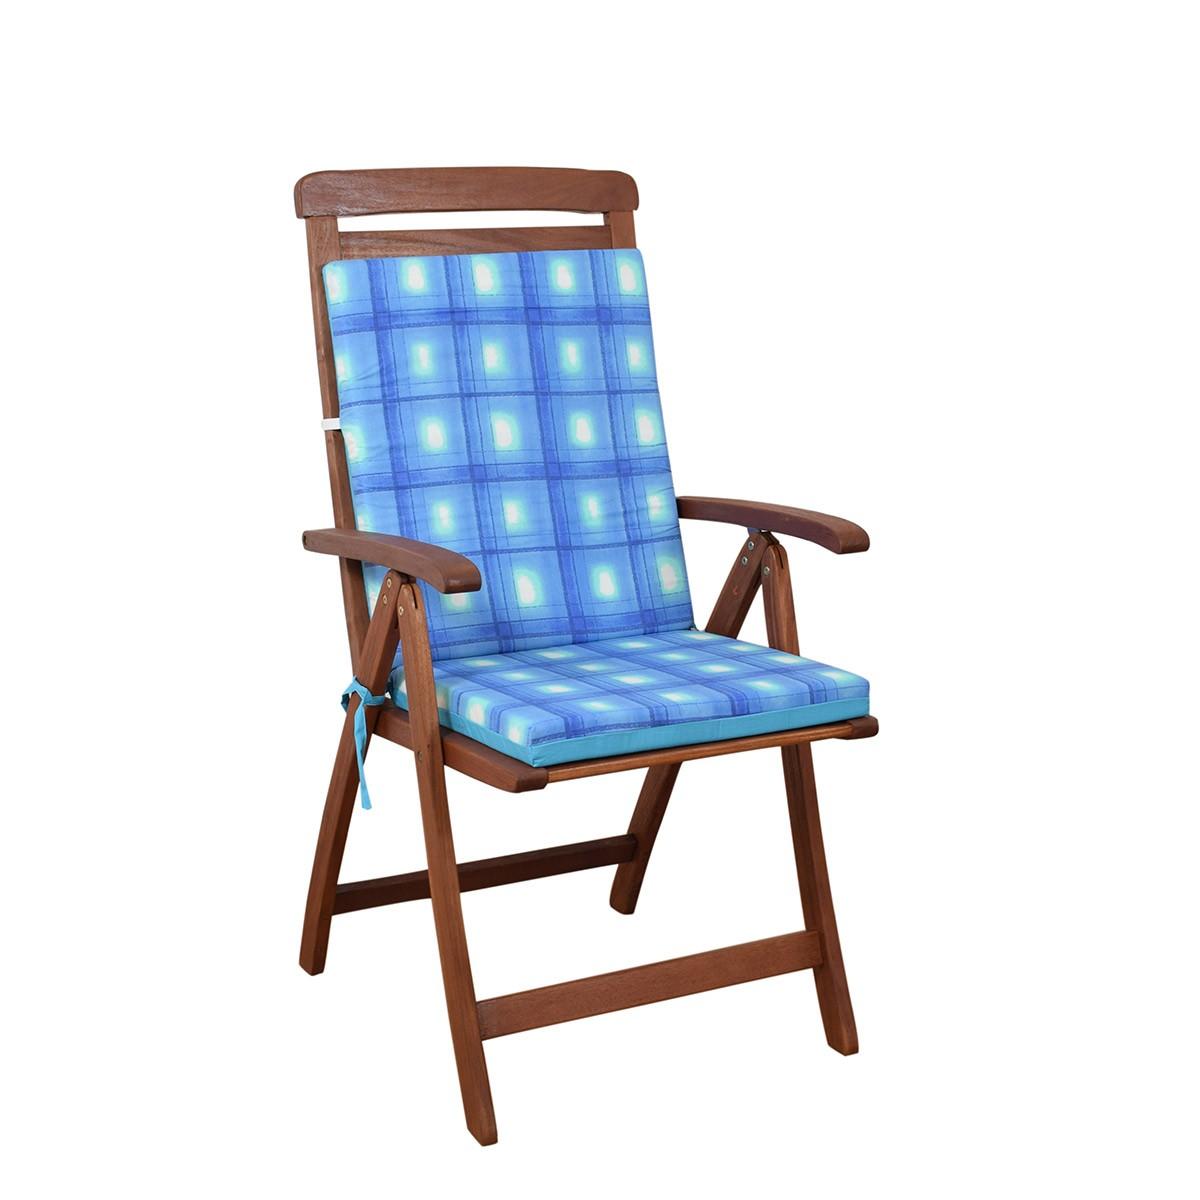 Μαξιλάρι Καρέκλας Πλάτη/Φερμουάρ 2 Όψεων Fratoni DobleCara Blue 74780